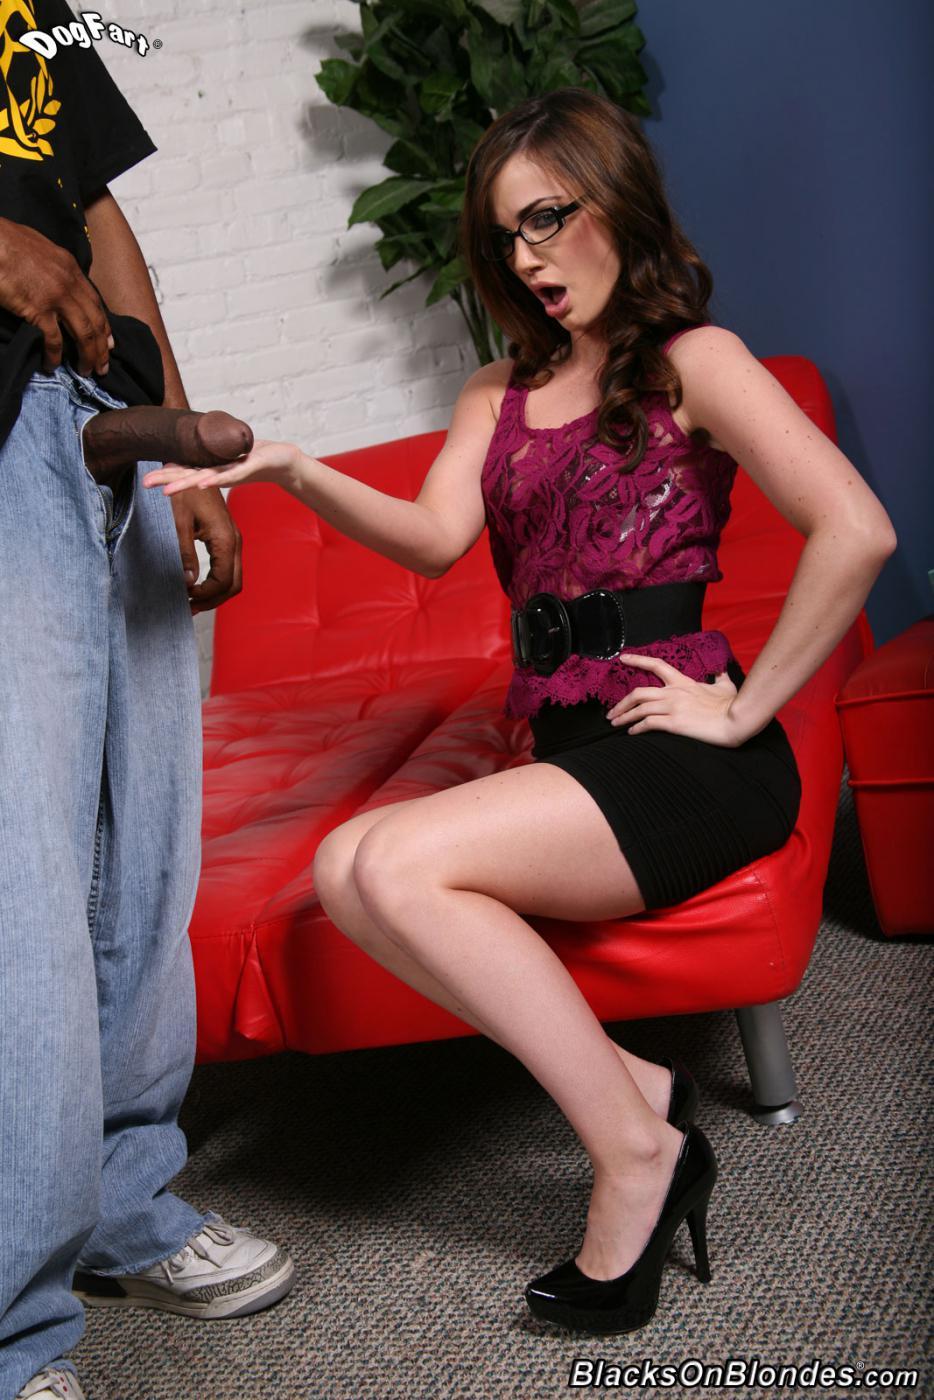 Русая порноактрисса в очках Лили Картер работает ртом и скачет на крупном черном пенисе